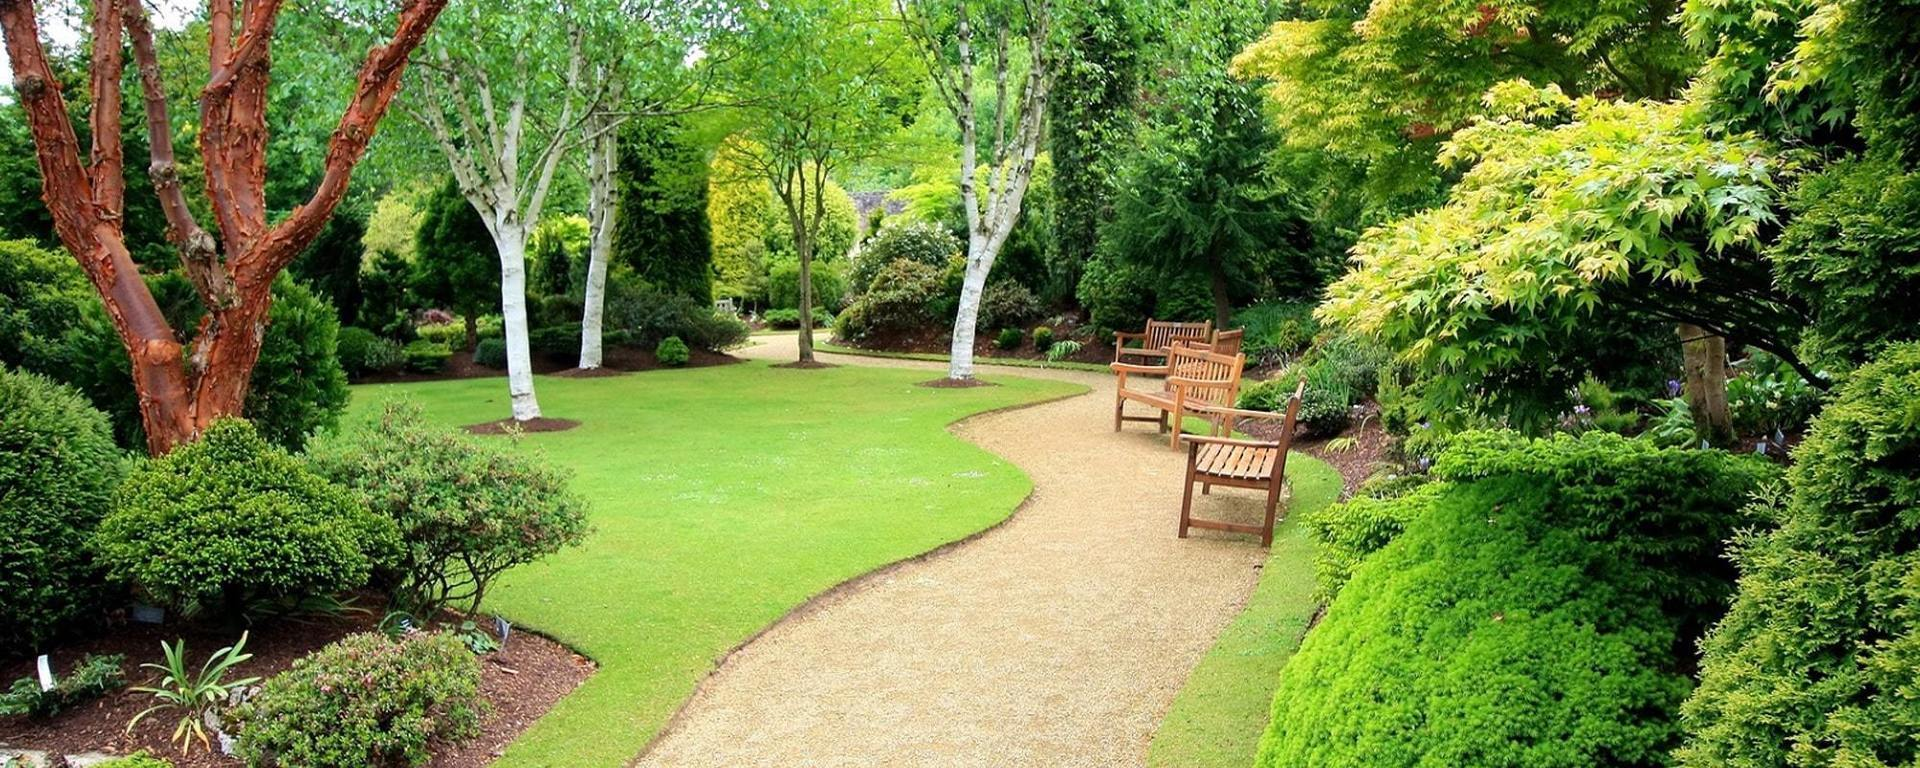 Univert - Aménagement extérieur et jardin